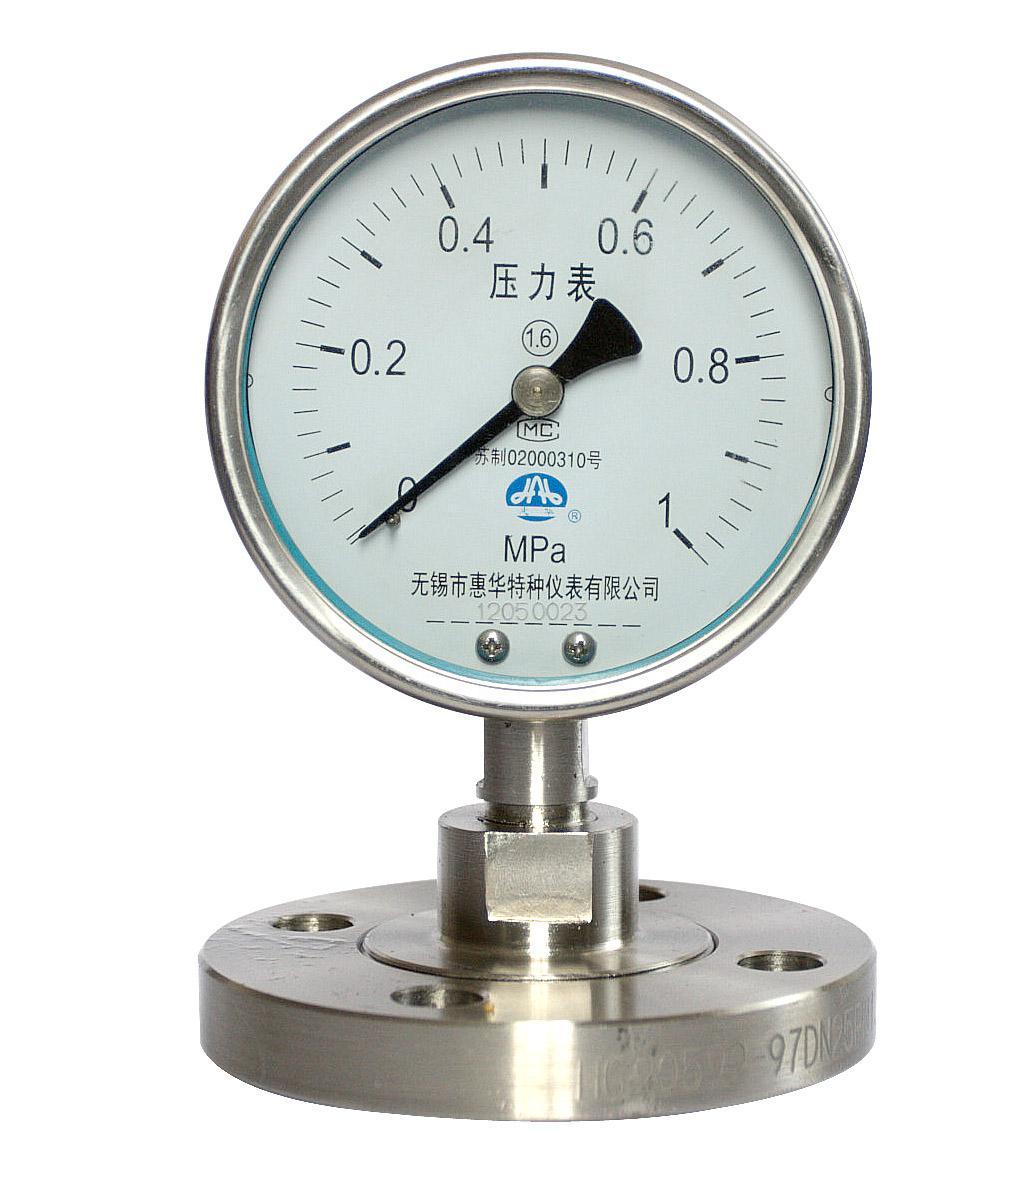 隔膜壓力表 不鏽鋼隔膜壓力表 真空隔膜壓力表 耐震隔膜壓力表 6